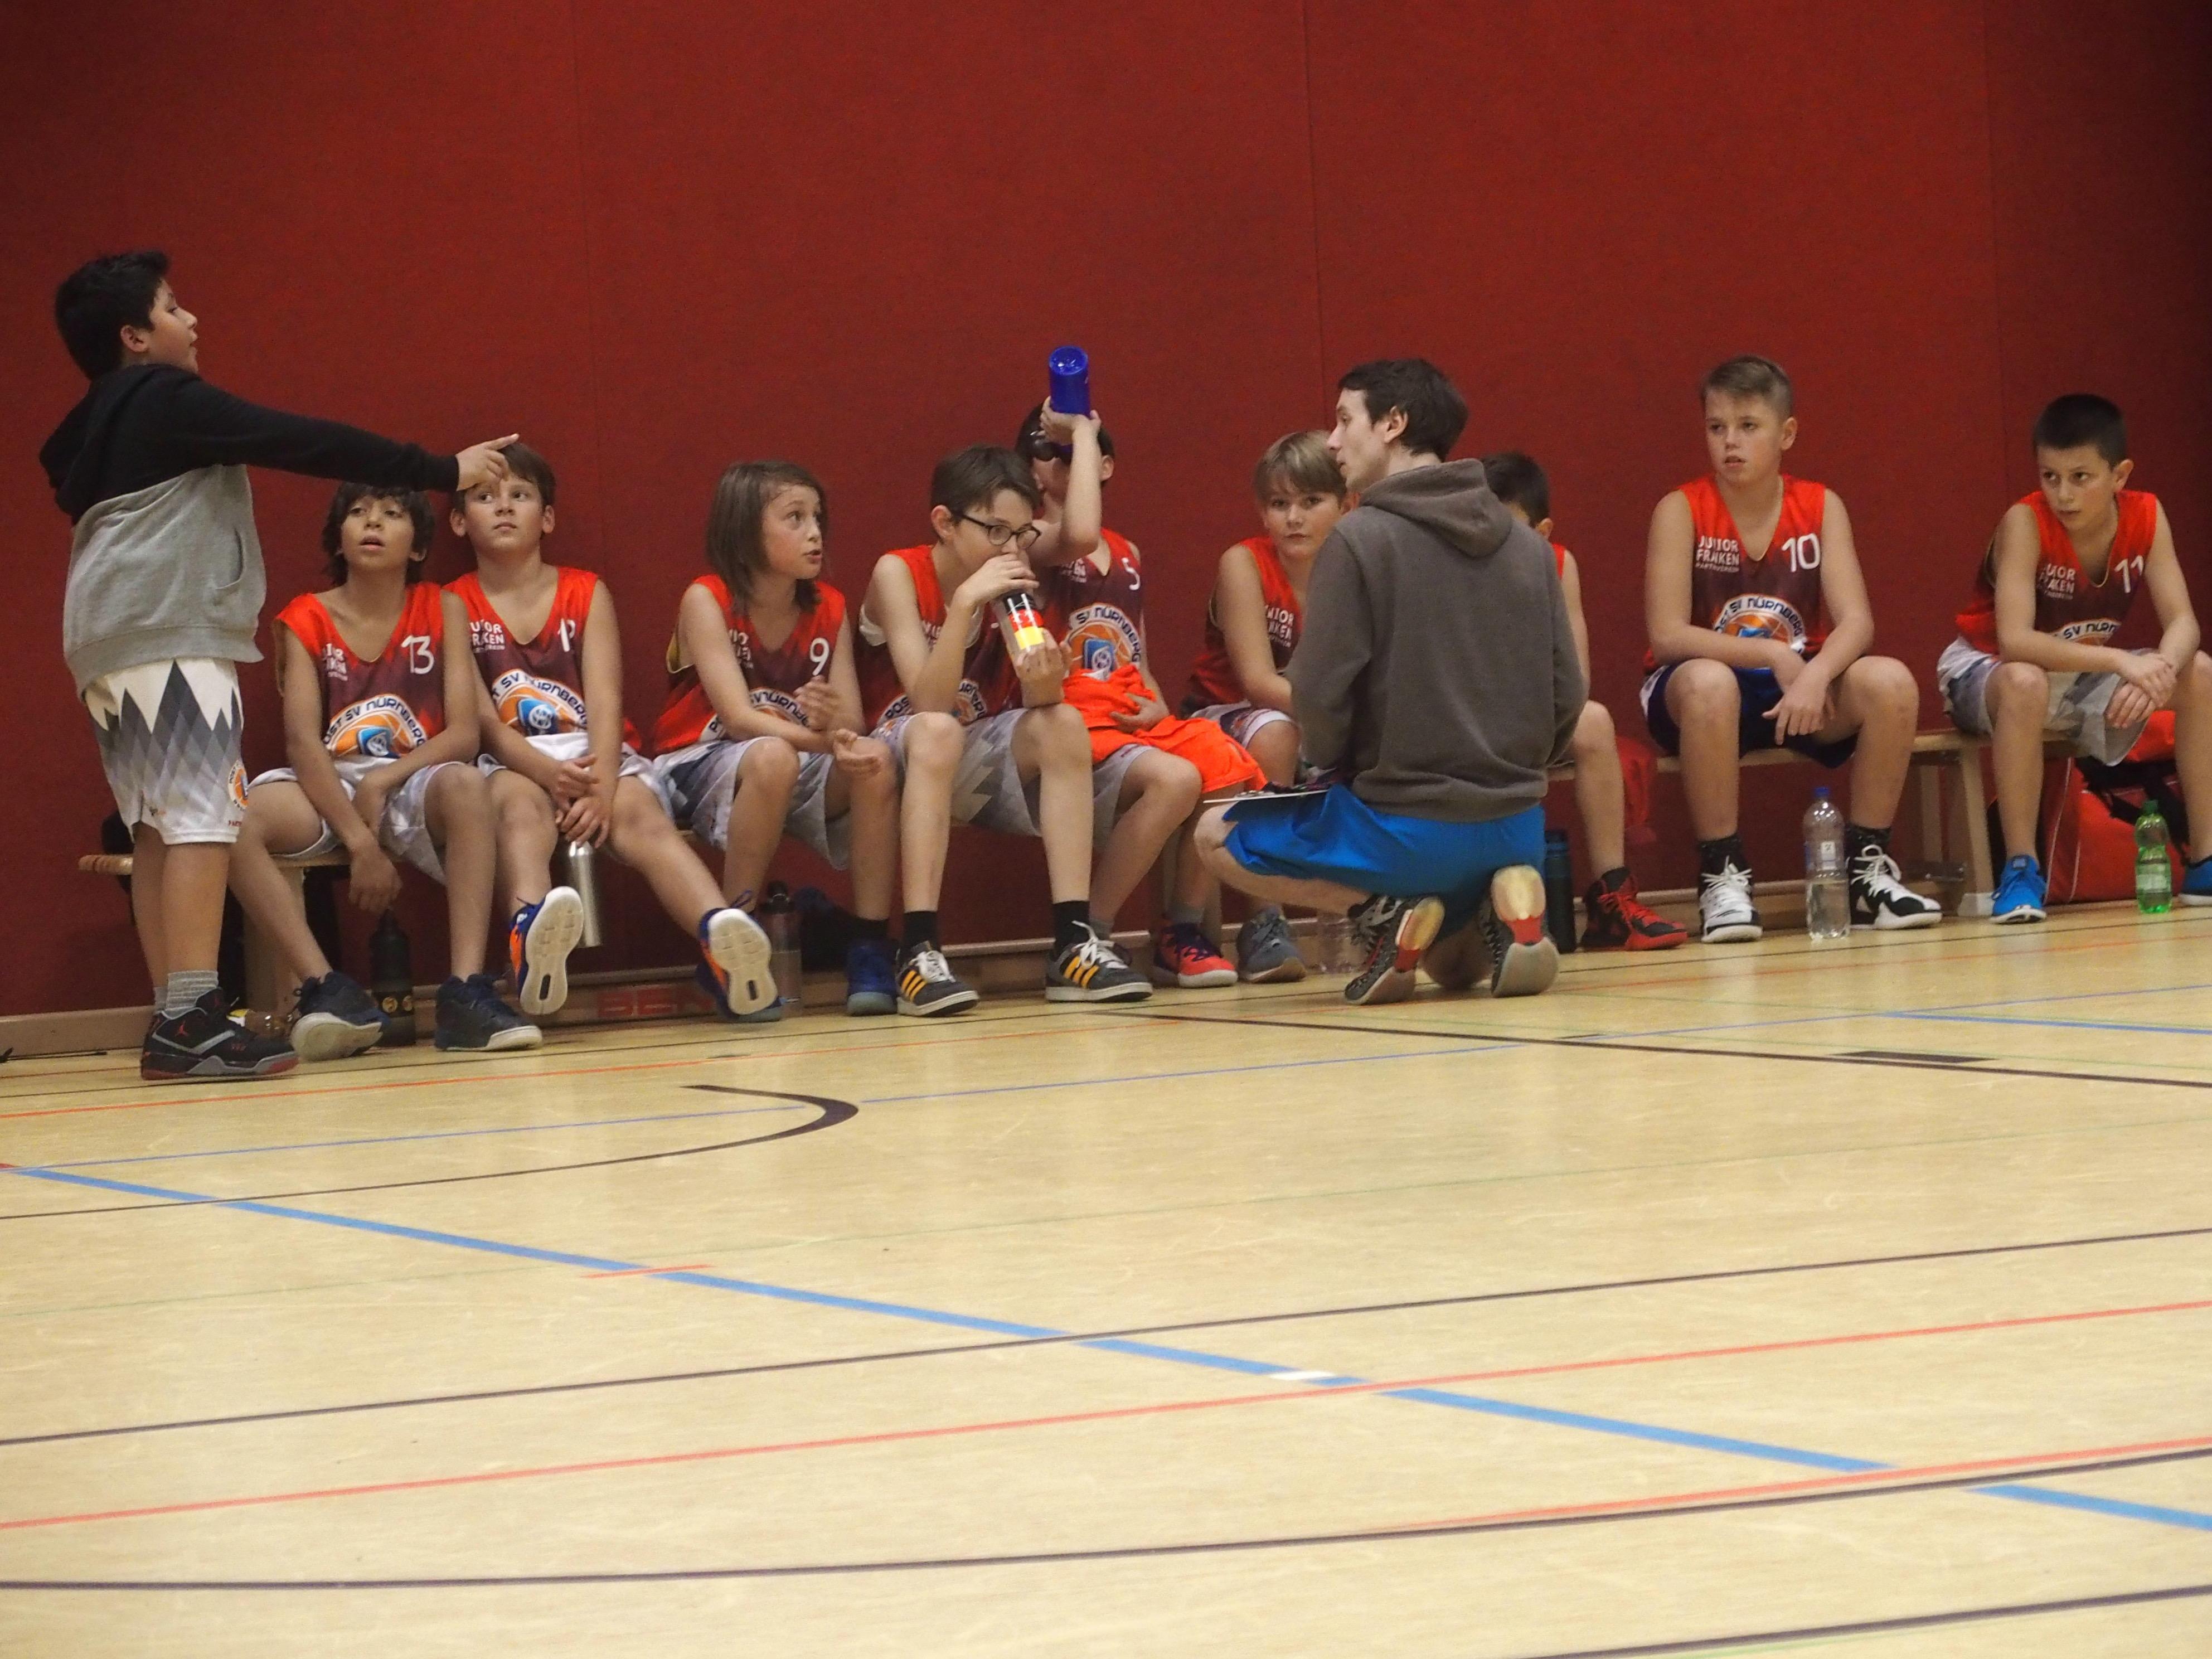 u12-1 erteilt u12-2 Lehrstunde im Basketball